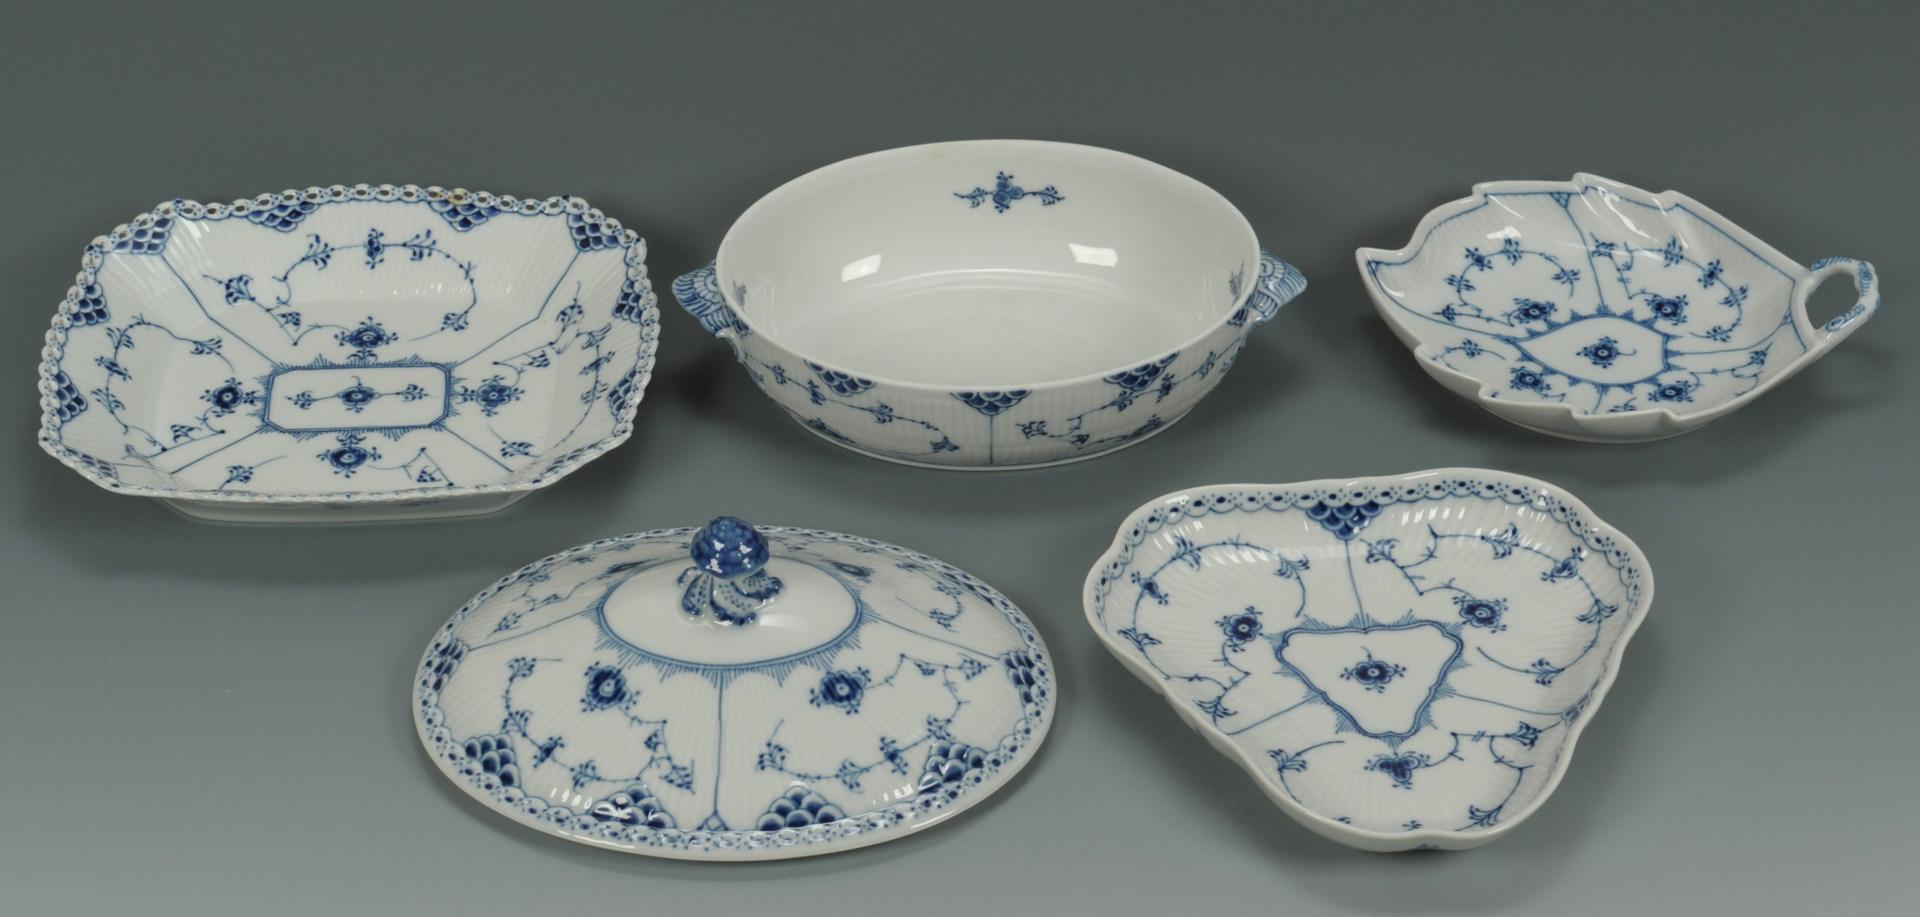 Lot 445: Royal Copenhagen Blue/White Porcelain, 25 pcs.